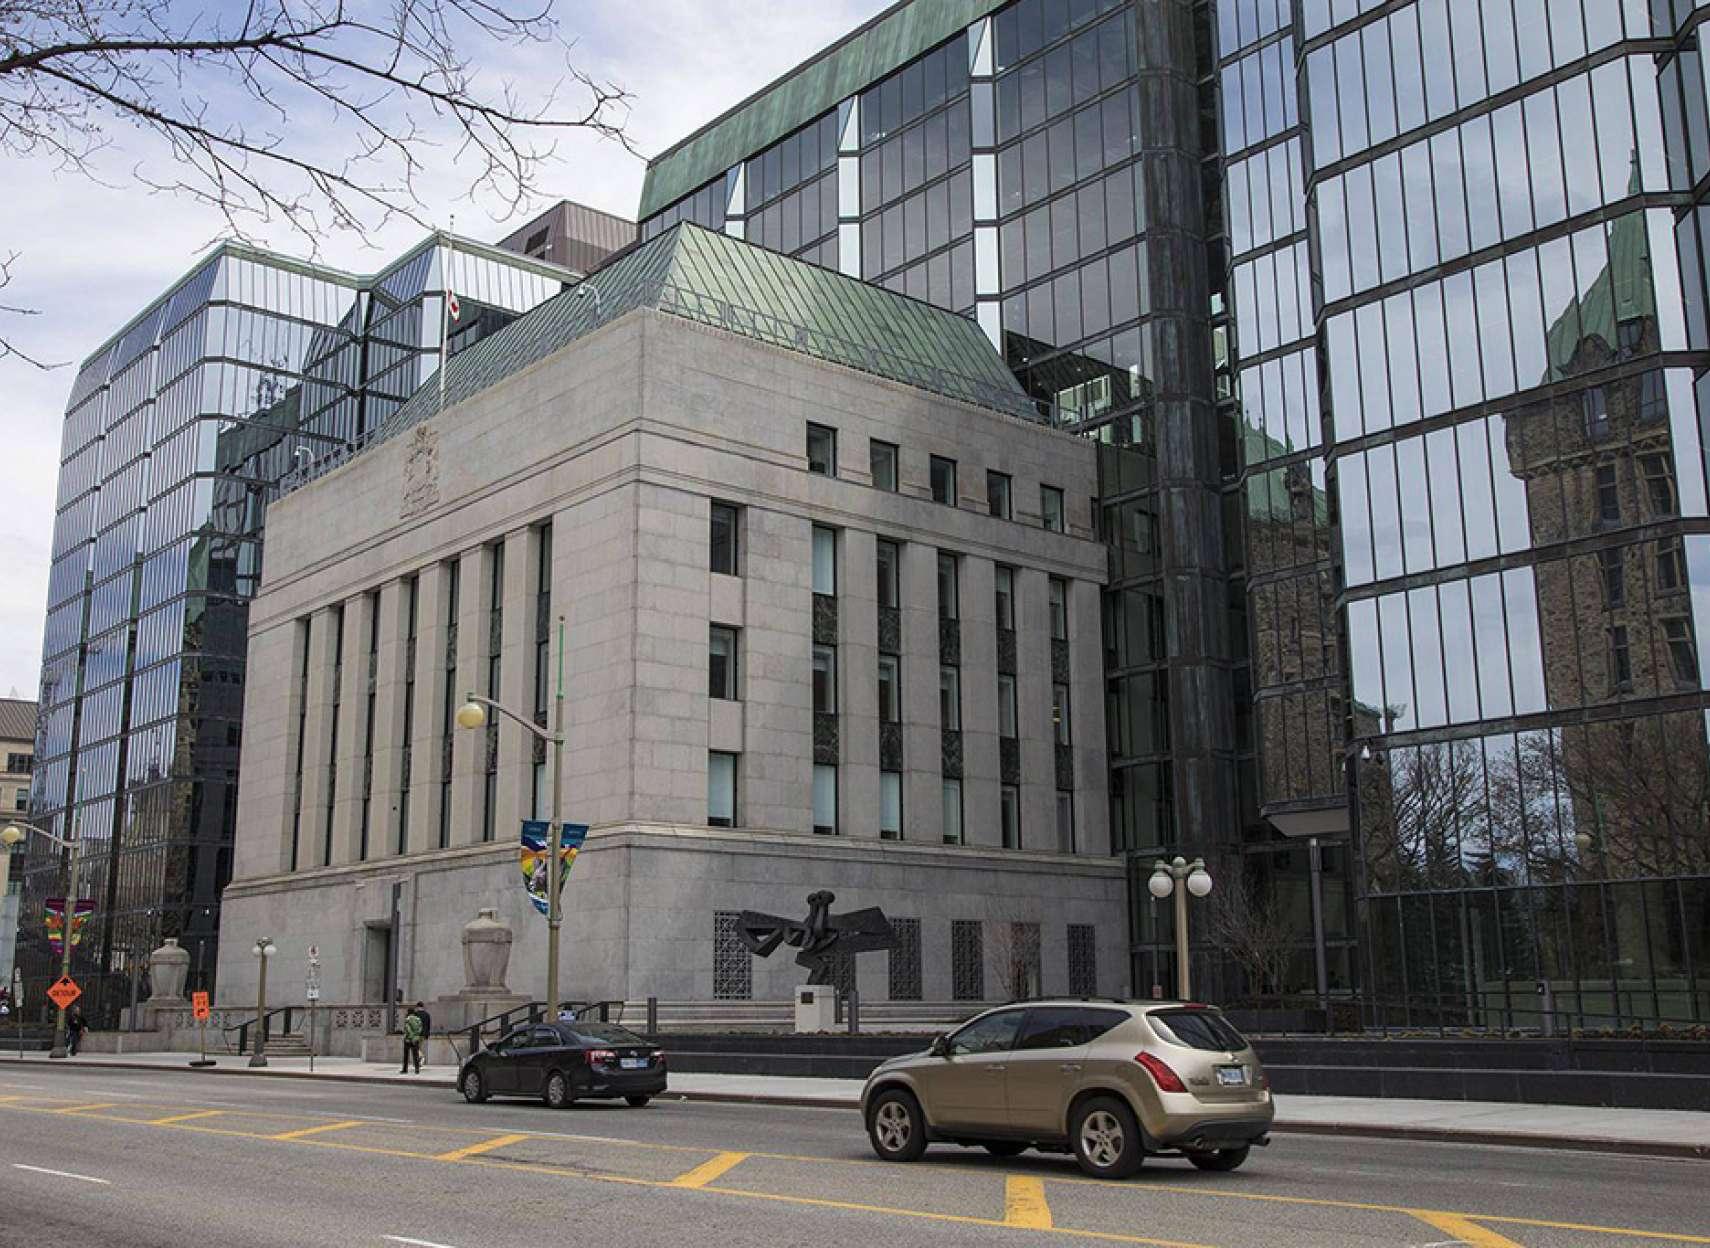 اخبار-کانادا-فشارها-برای-کاهش-نرخ-بهره-افزایش-یافت